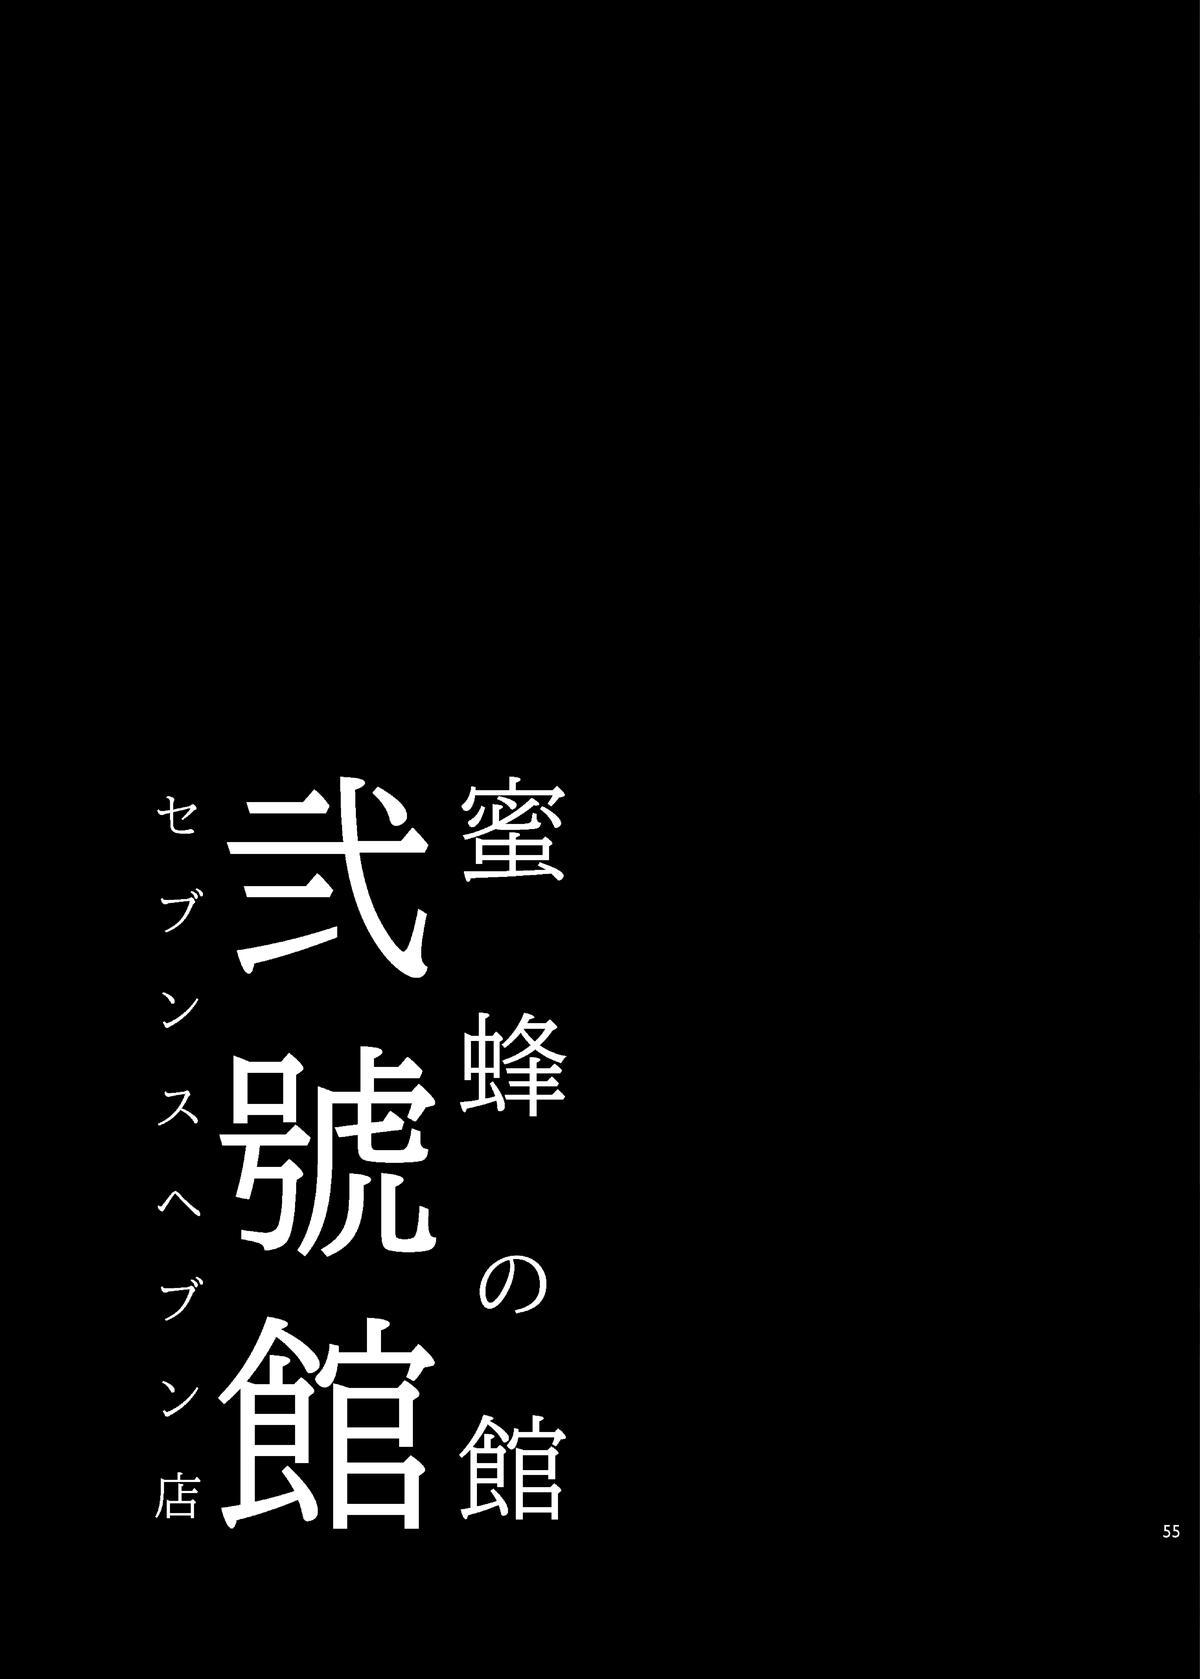 [Alice no Takarabako (Mizuryu Kei)] Mitsubachi no Yakata Nigou-kan Seventh Heaven-ten (Final Fantasy VII) [English] [biribiri] [Digital] 58